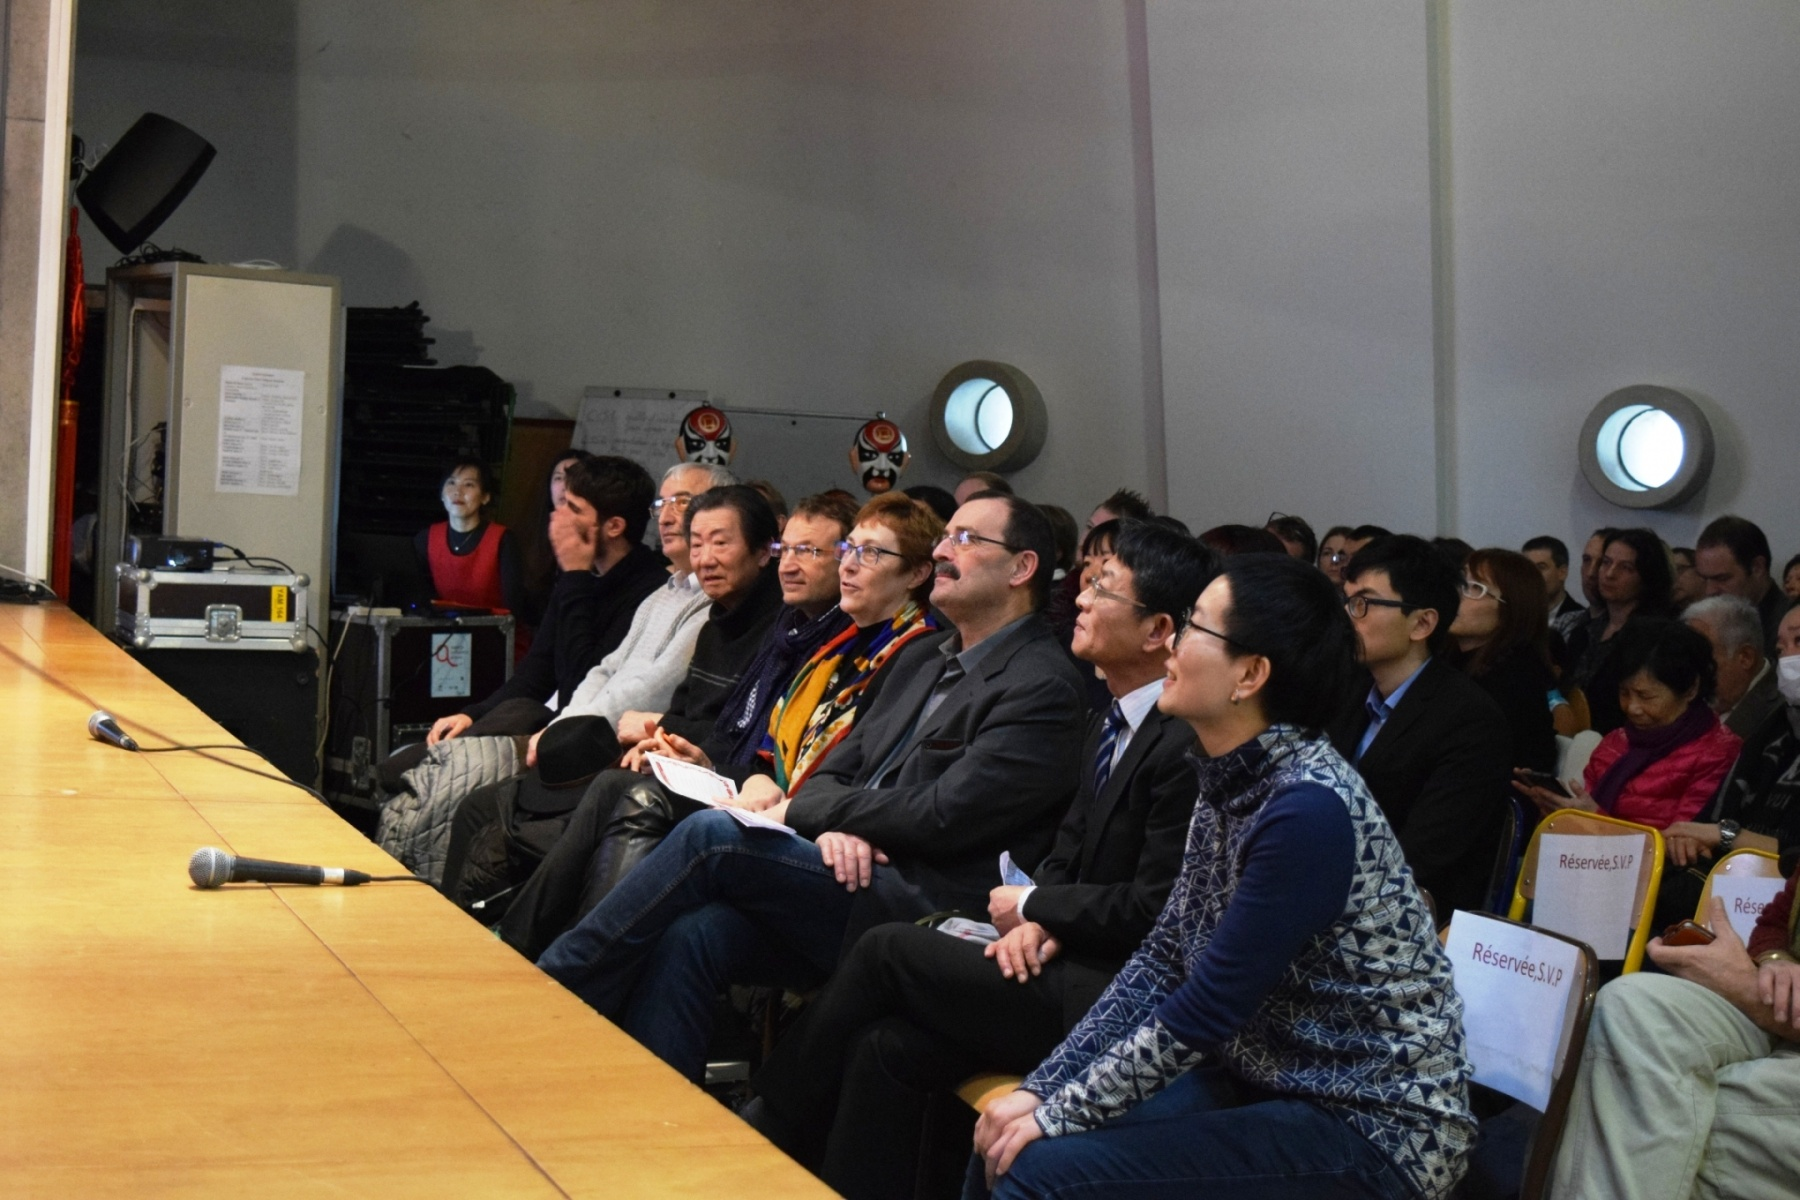 galerie le chant du coq annonce le d but du nouvel an chinois strasbourg institut. Black Bedroom Furniture Sets. Home Design Ideas